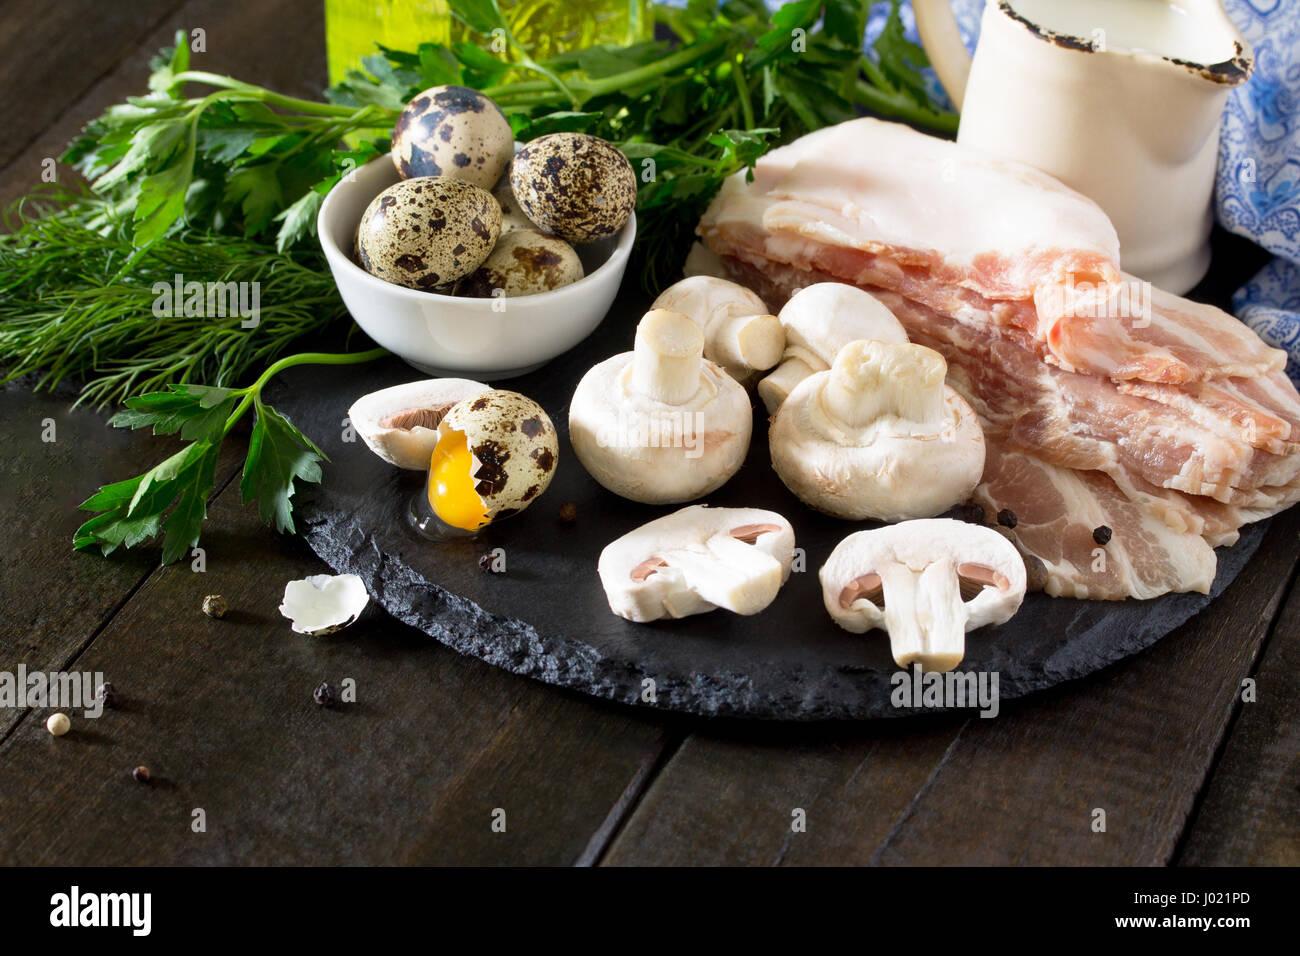 Kulinarisch - auf einer Schiefertafel Tafel Hintergrund Champignons, Schinken, Milch und Wachteleier. Frische Zutaten Stockbild